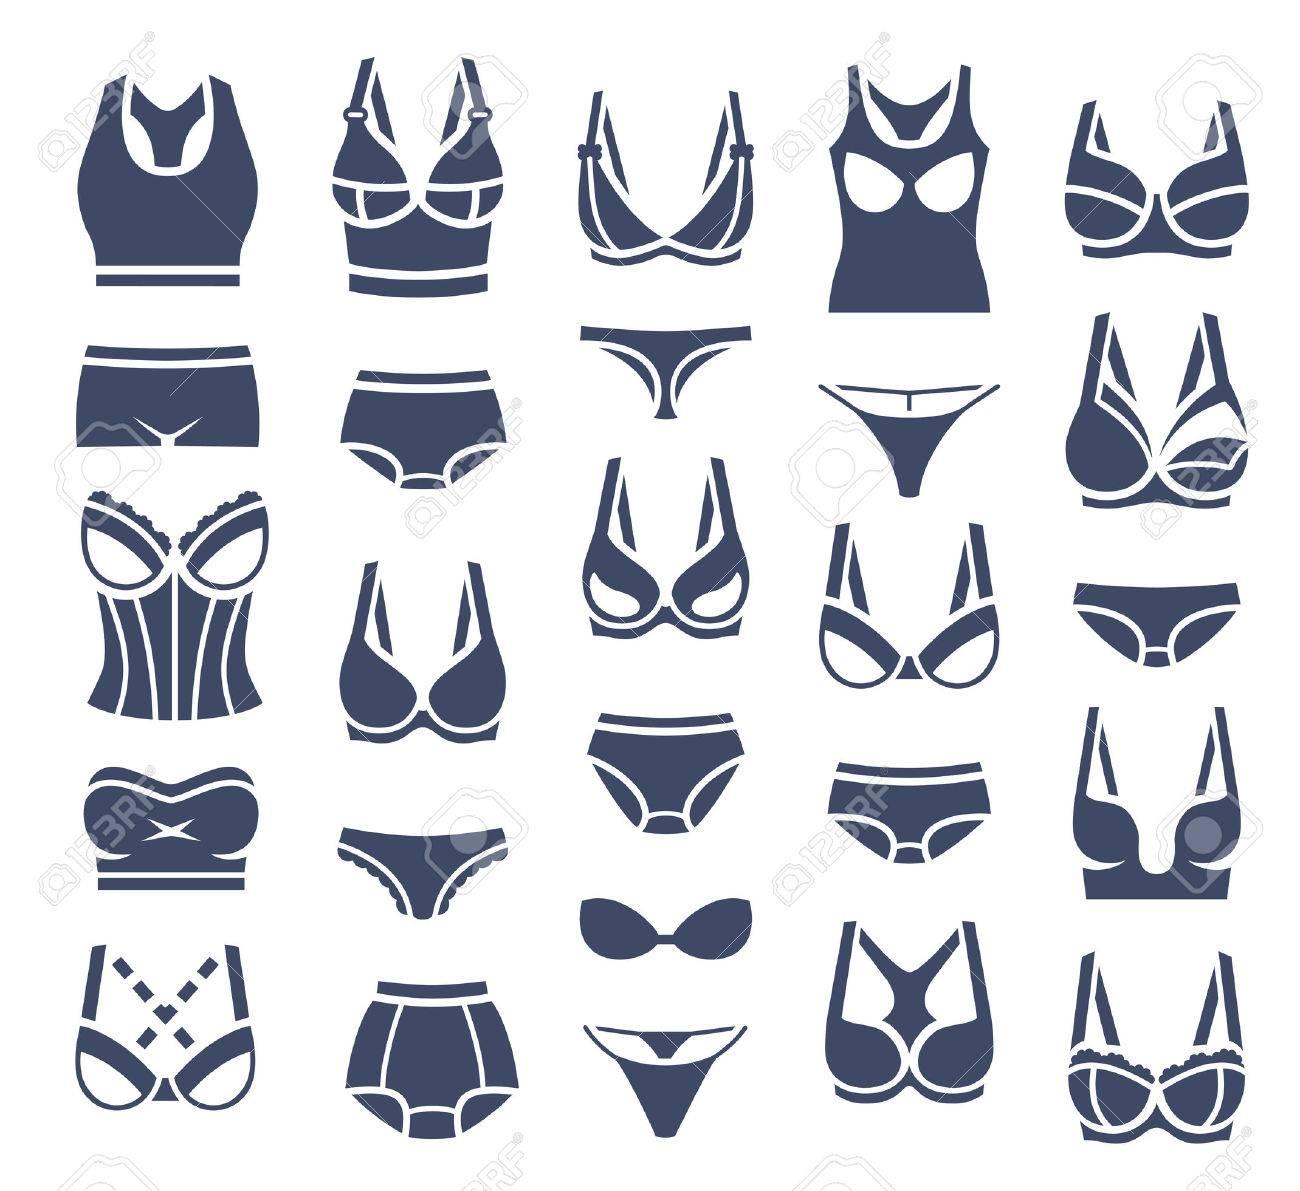 87d67598e8 Diseño de conjunto de sujetador y bragas estilos iconos de la silueta plana.  colección pictograma